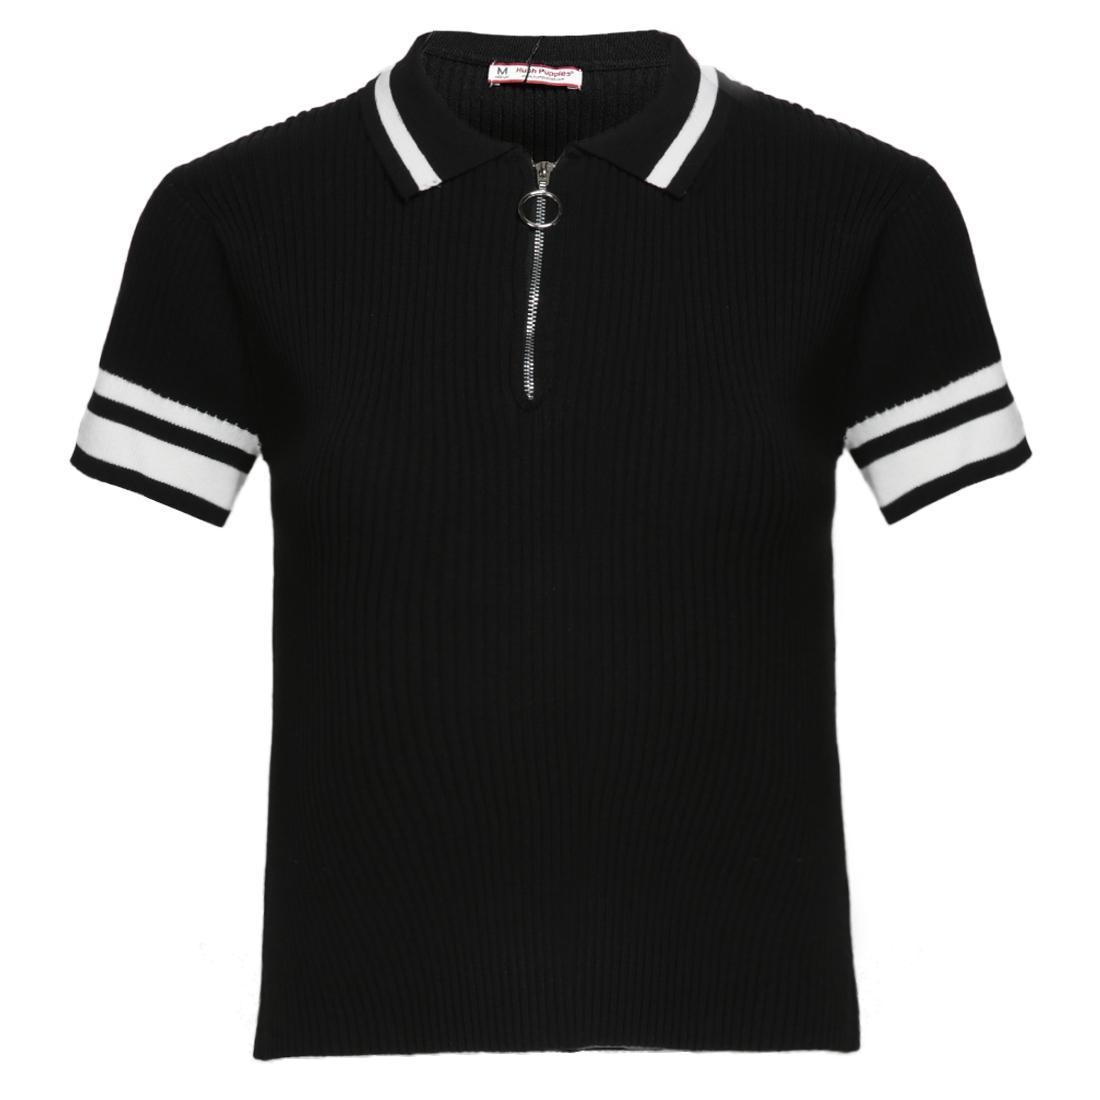 Hush Puppies Baju Atasan Wanita Ezra - Polo Shirt  Black